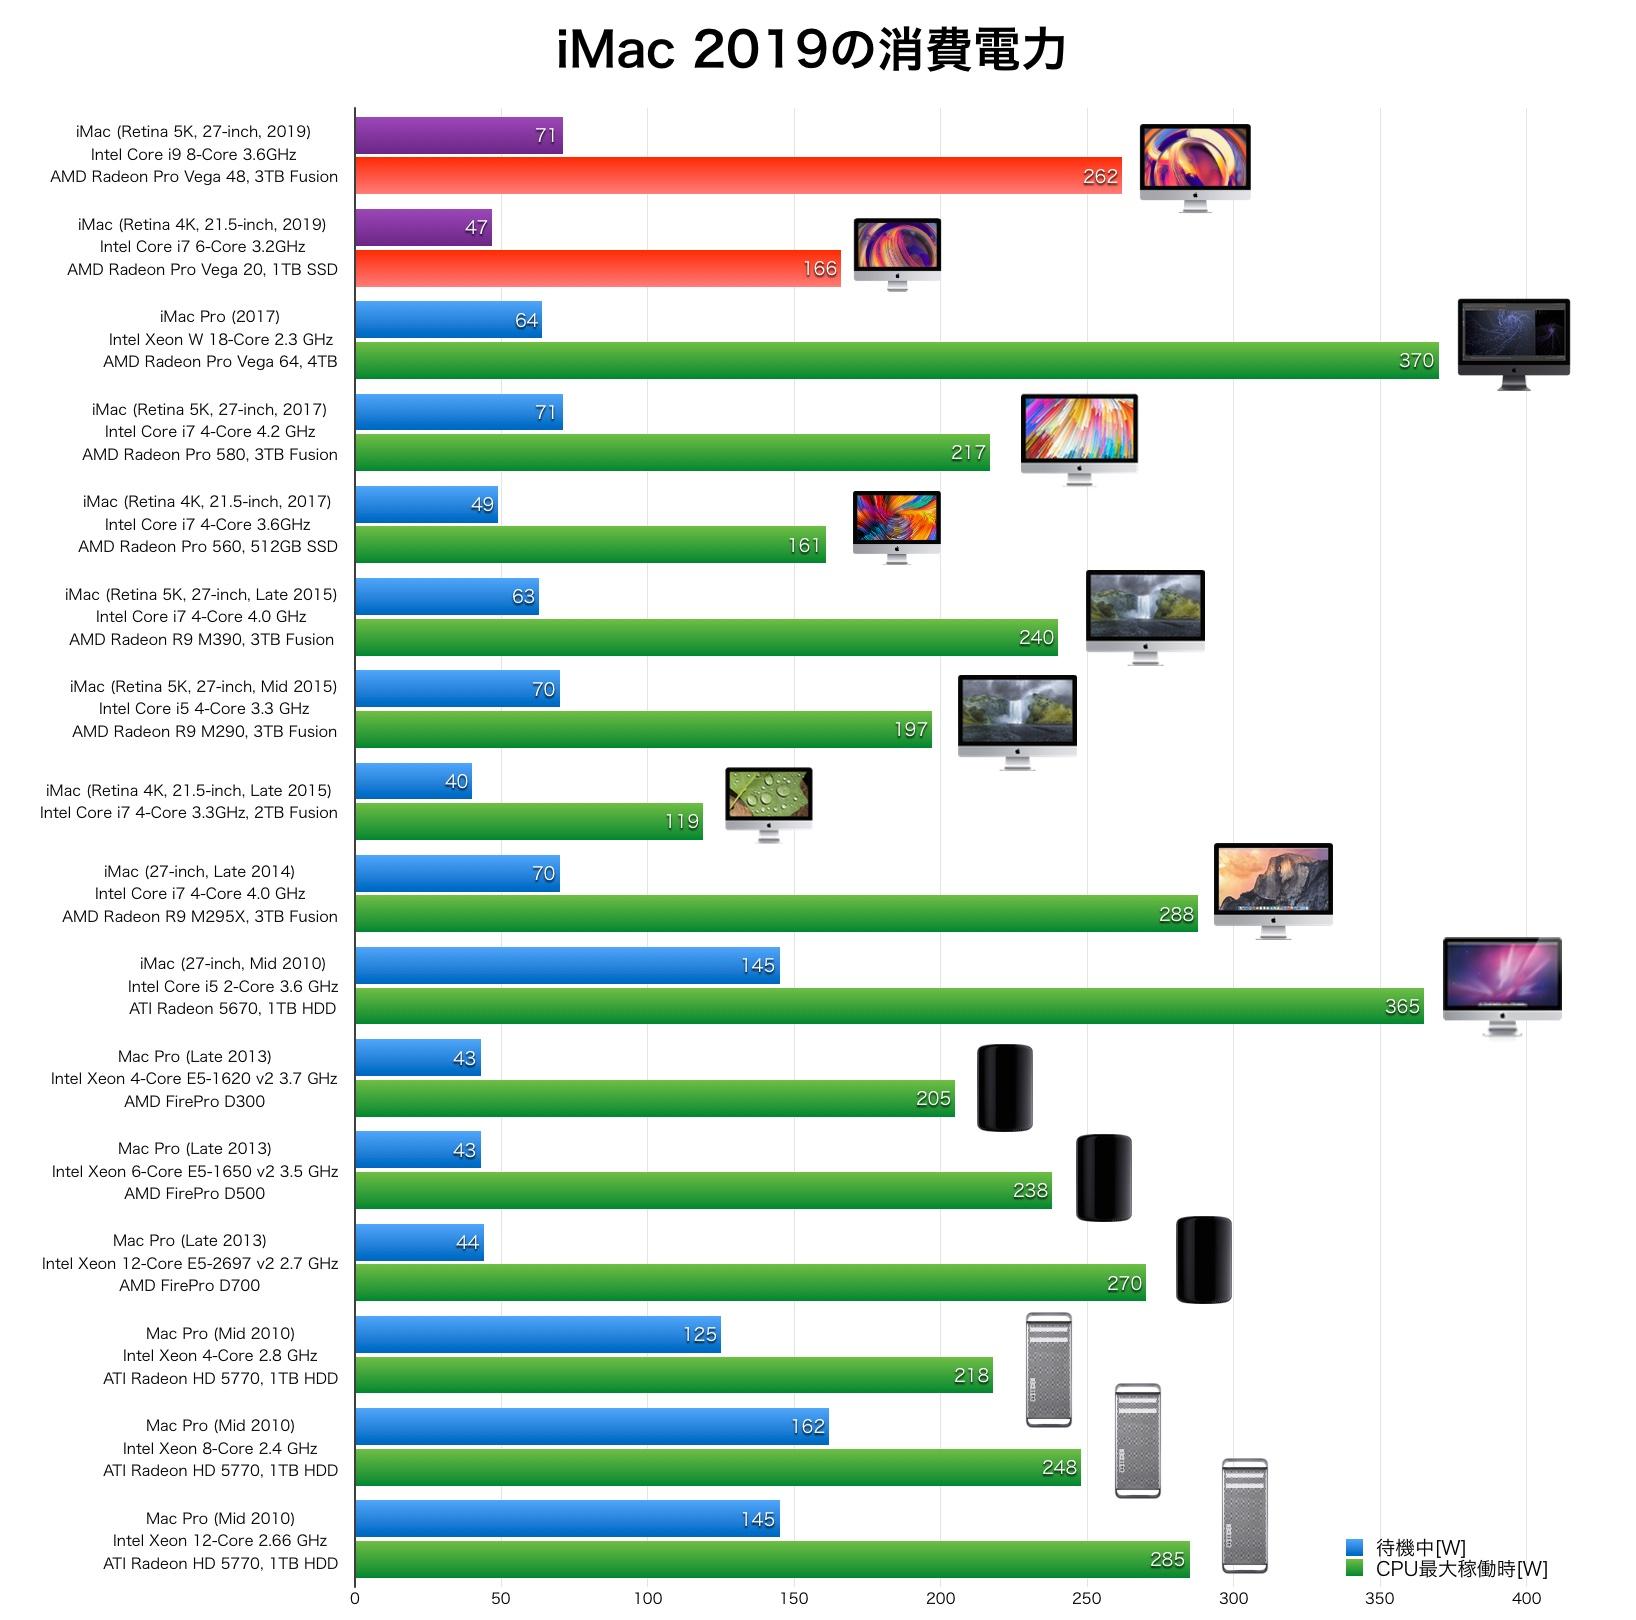 iMac 2019 の電力消費